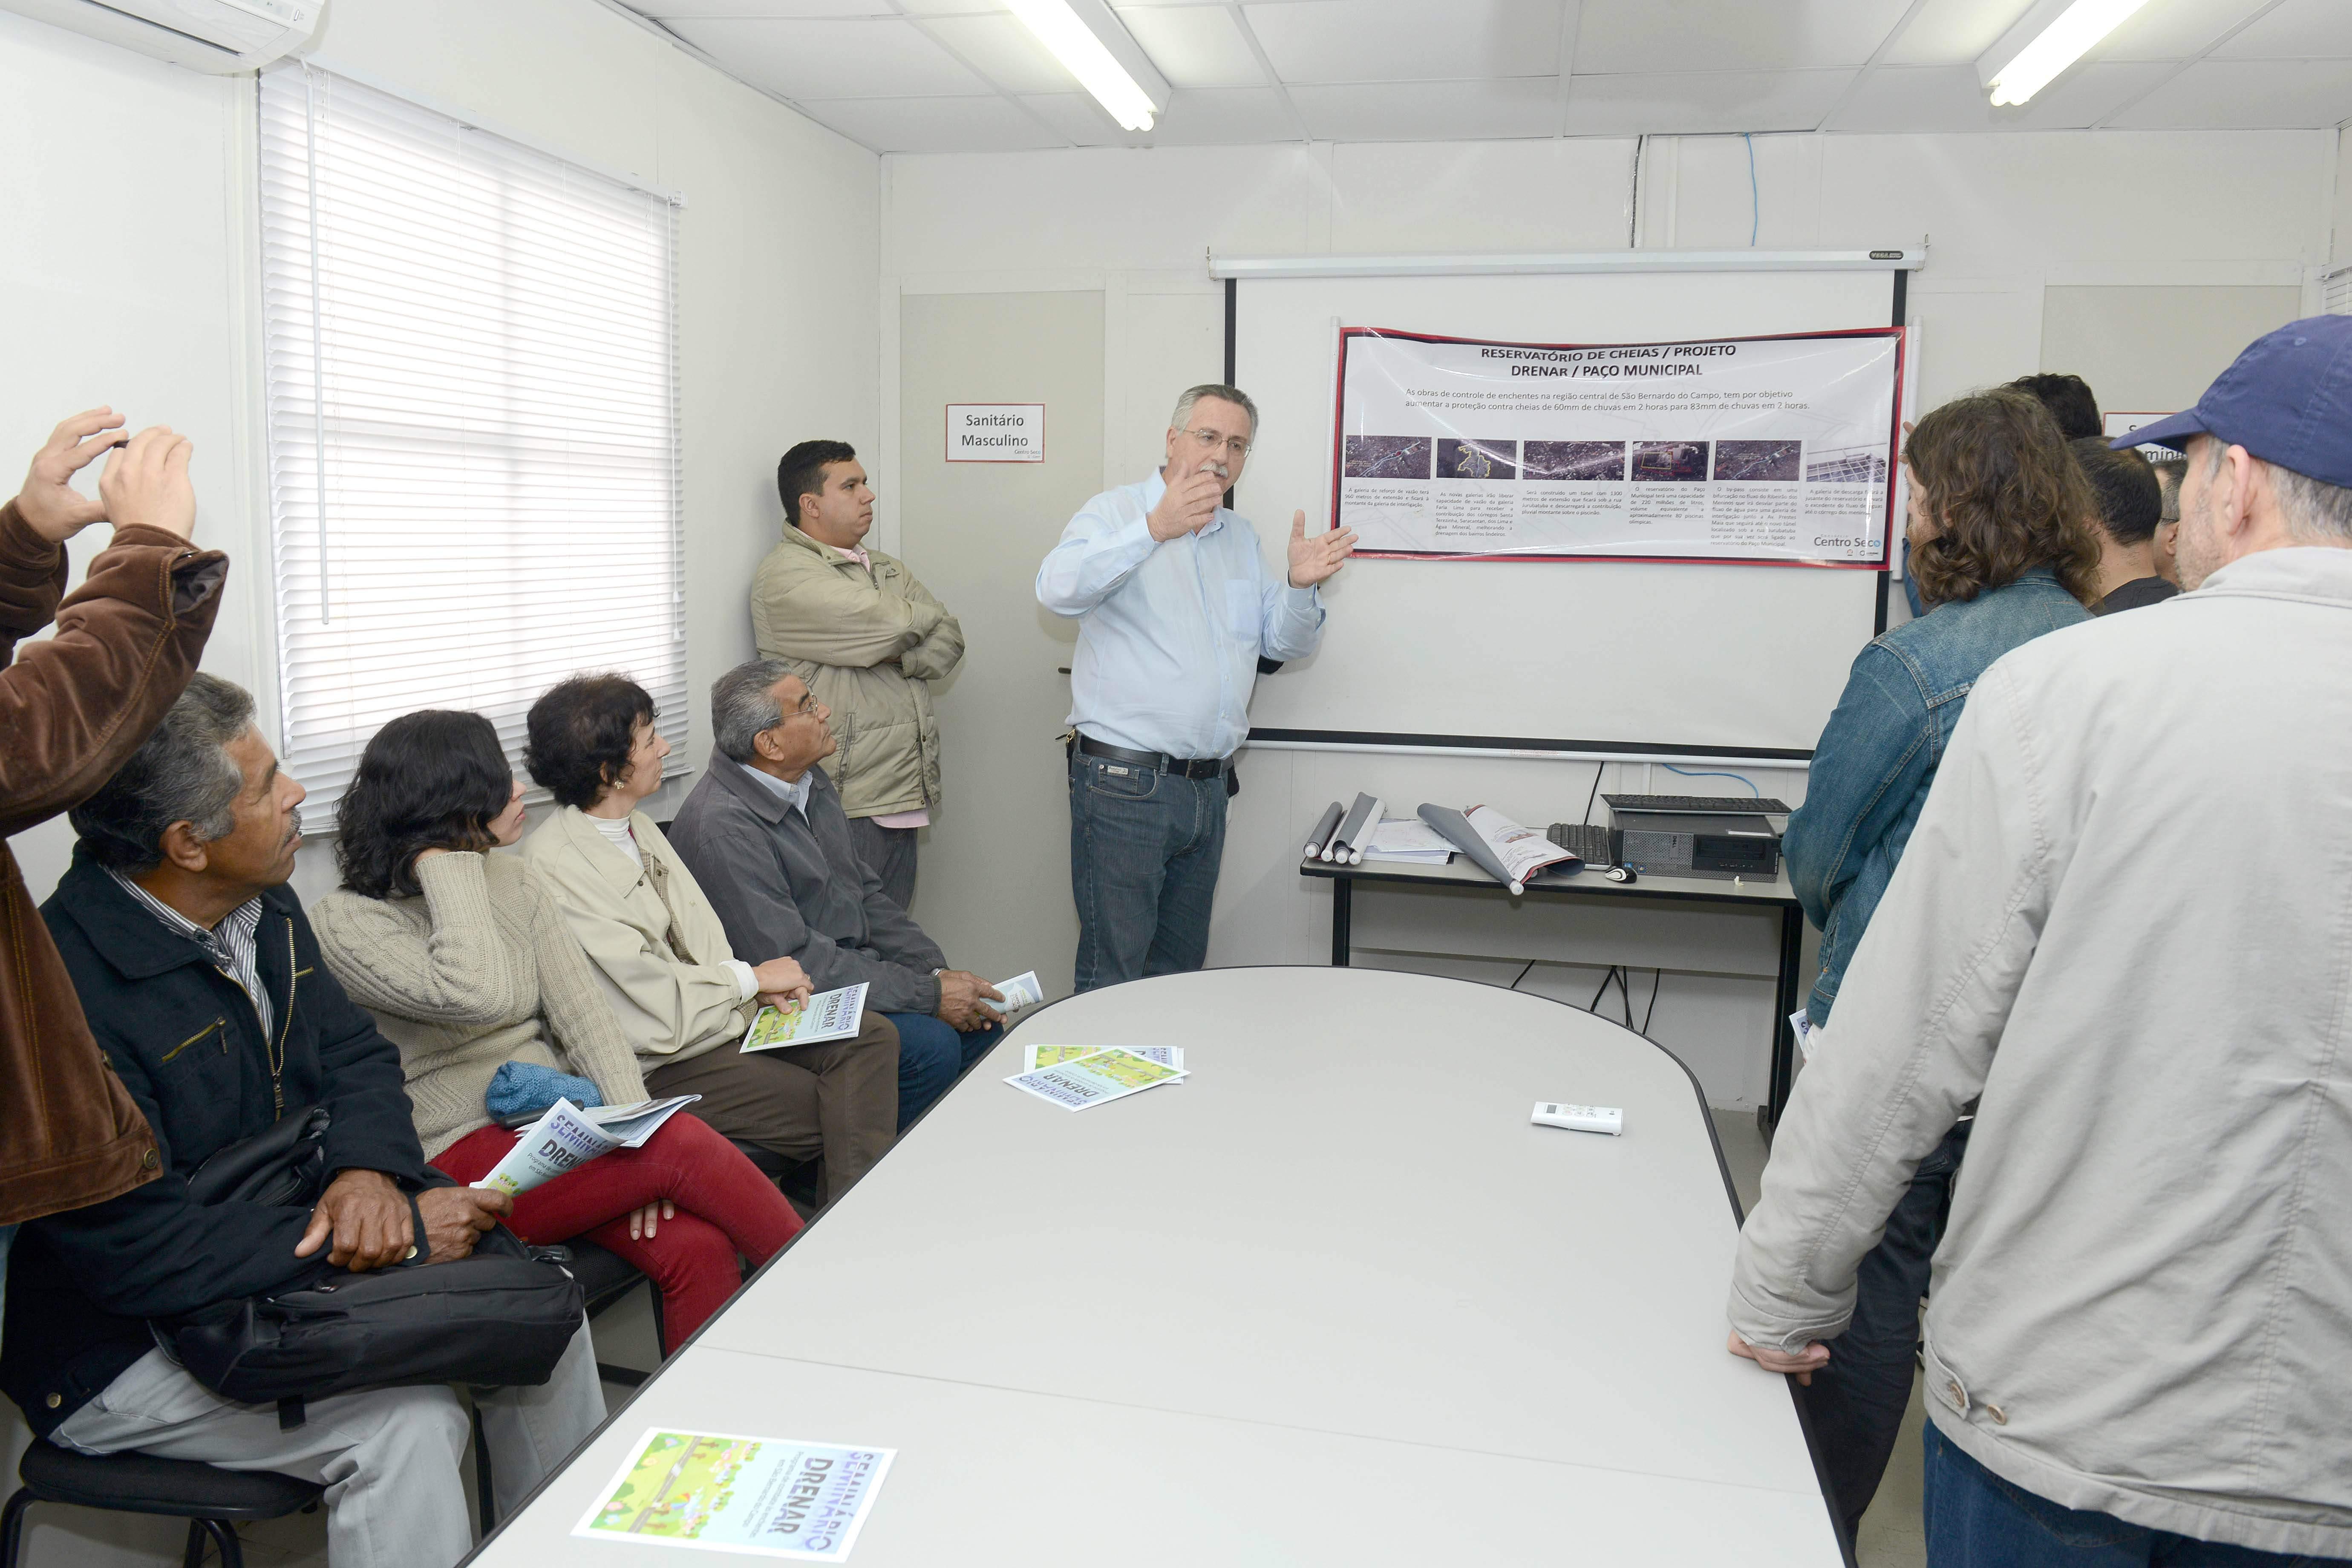 Tarcisio Secoli, secretário de Serviços Urbanos, recebe os agentes culturais de São Bernardo